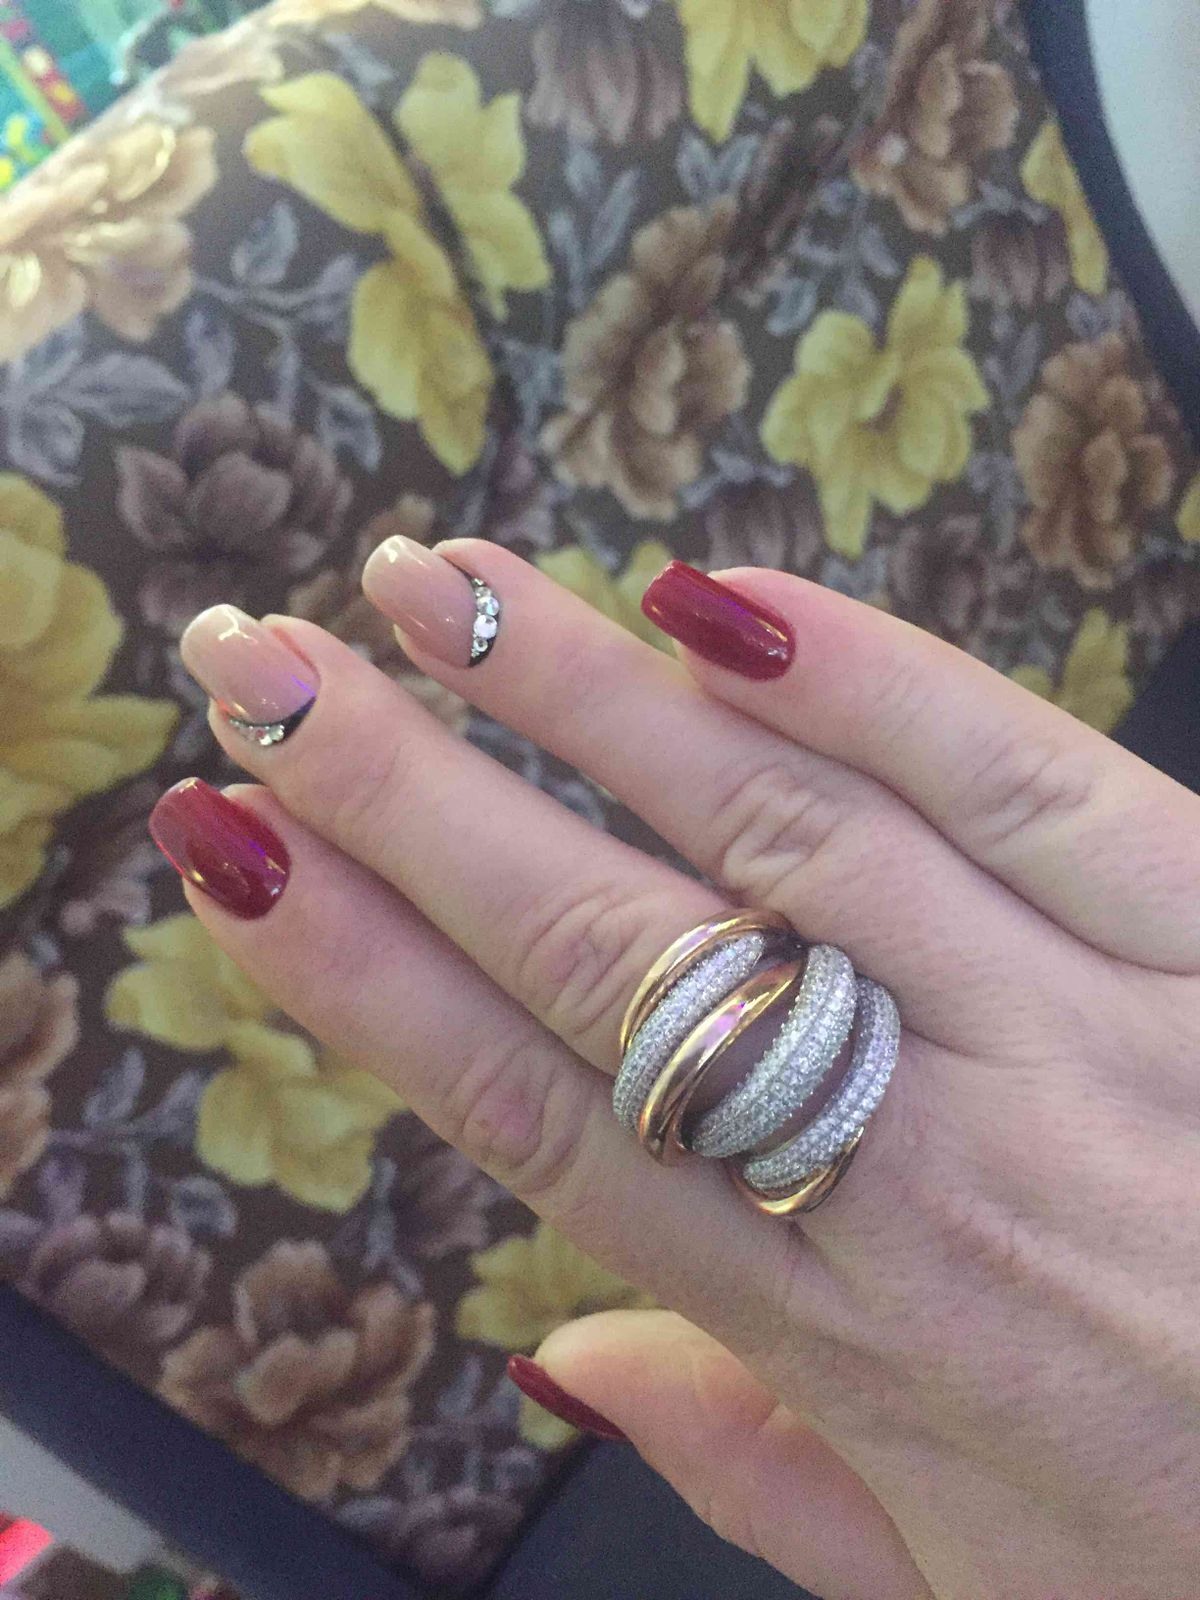 Я очень хотела это кольцо!!!